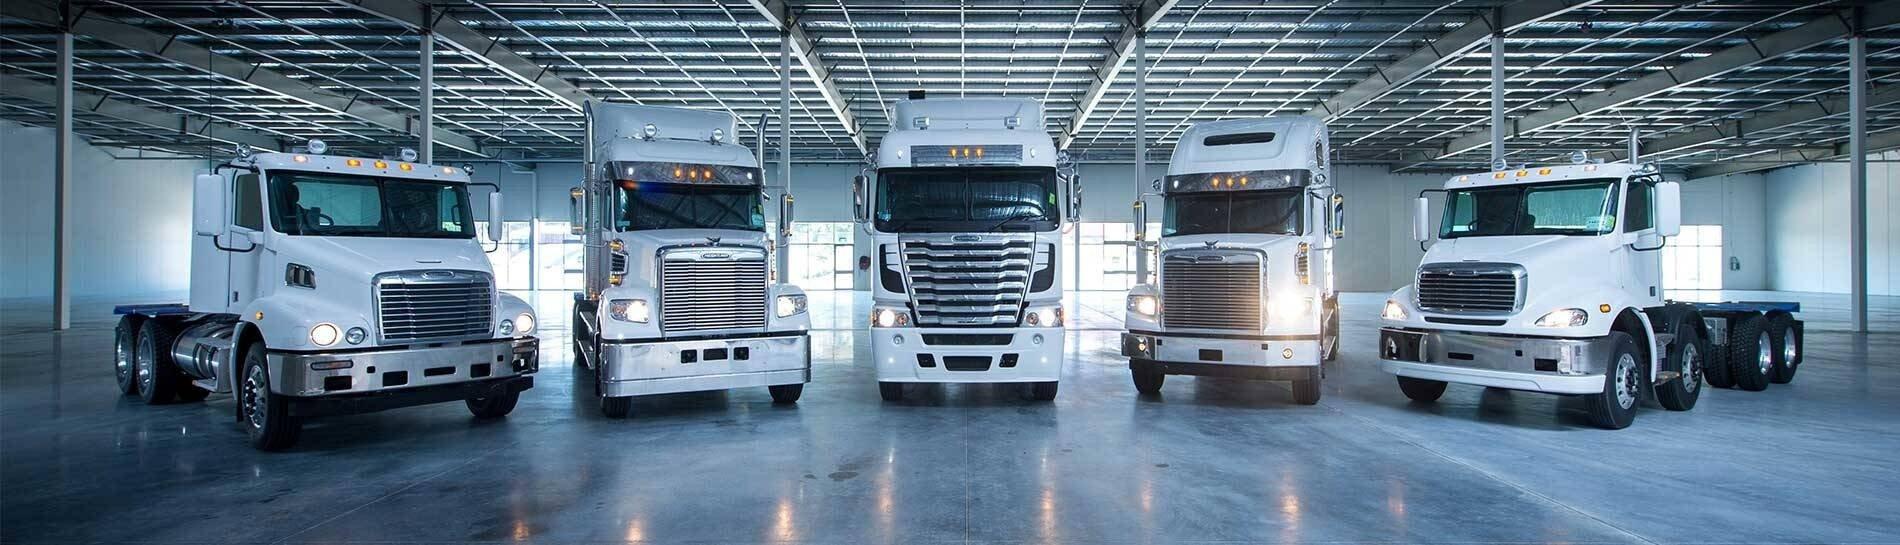 Freightliner-ContactUs-PB